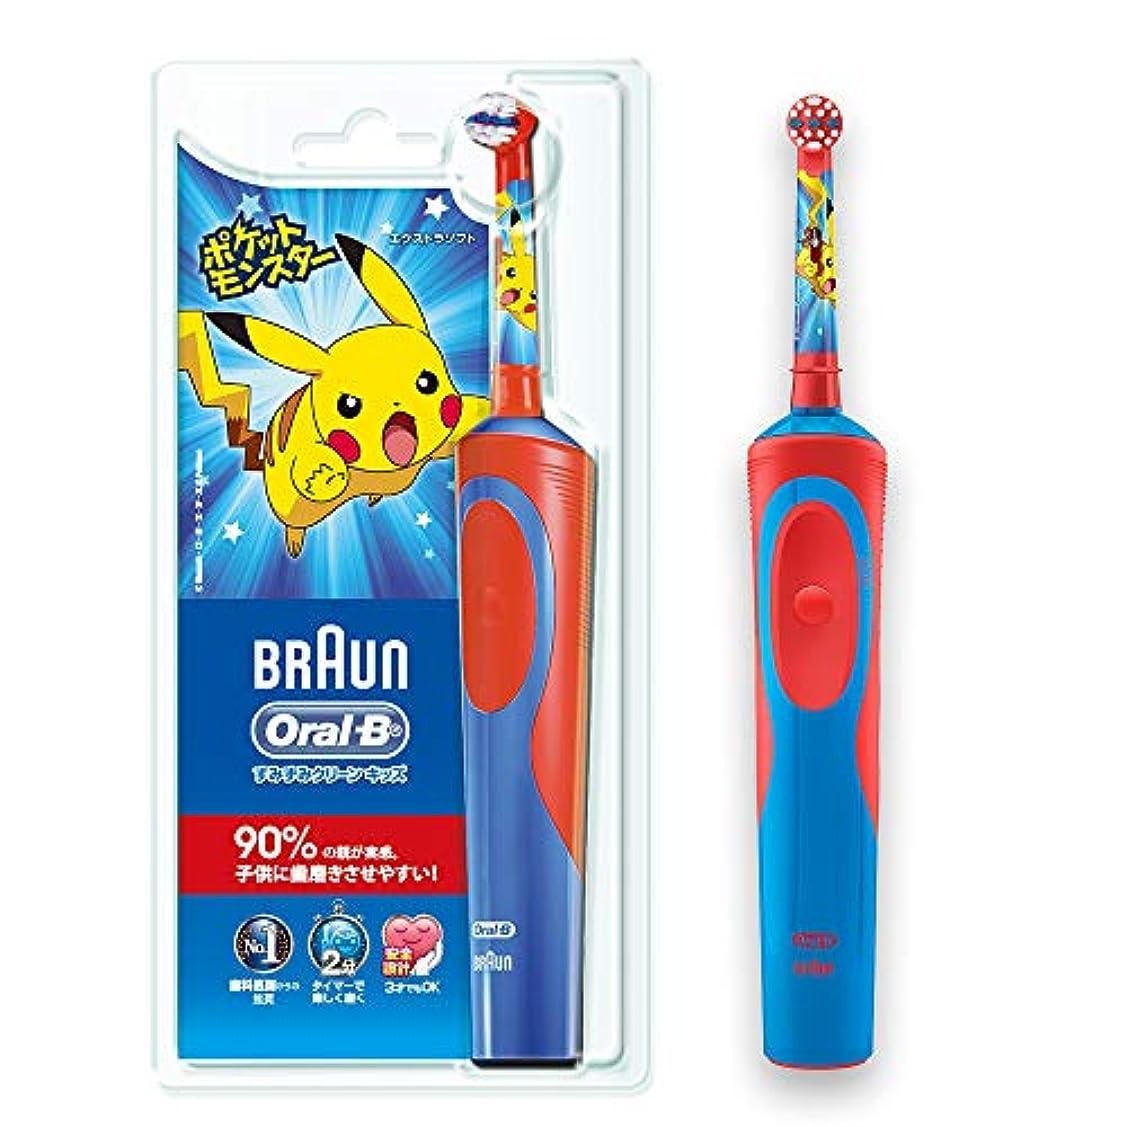 私たち自身テーブル口径ブラウン オーラルB 電動歯ブラシ 子供用 D12513KPKMB すみずみクリーンキッズ 本体 レッド ポケモン 歯ブラシ